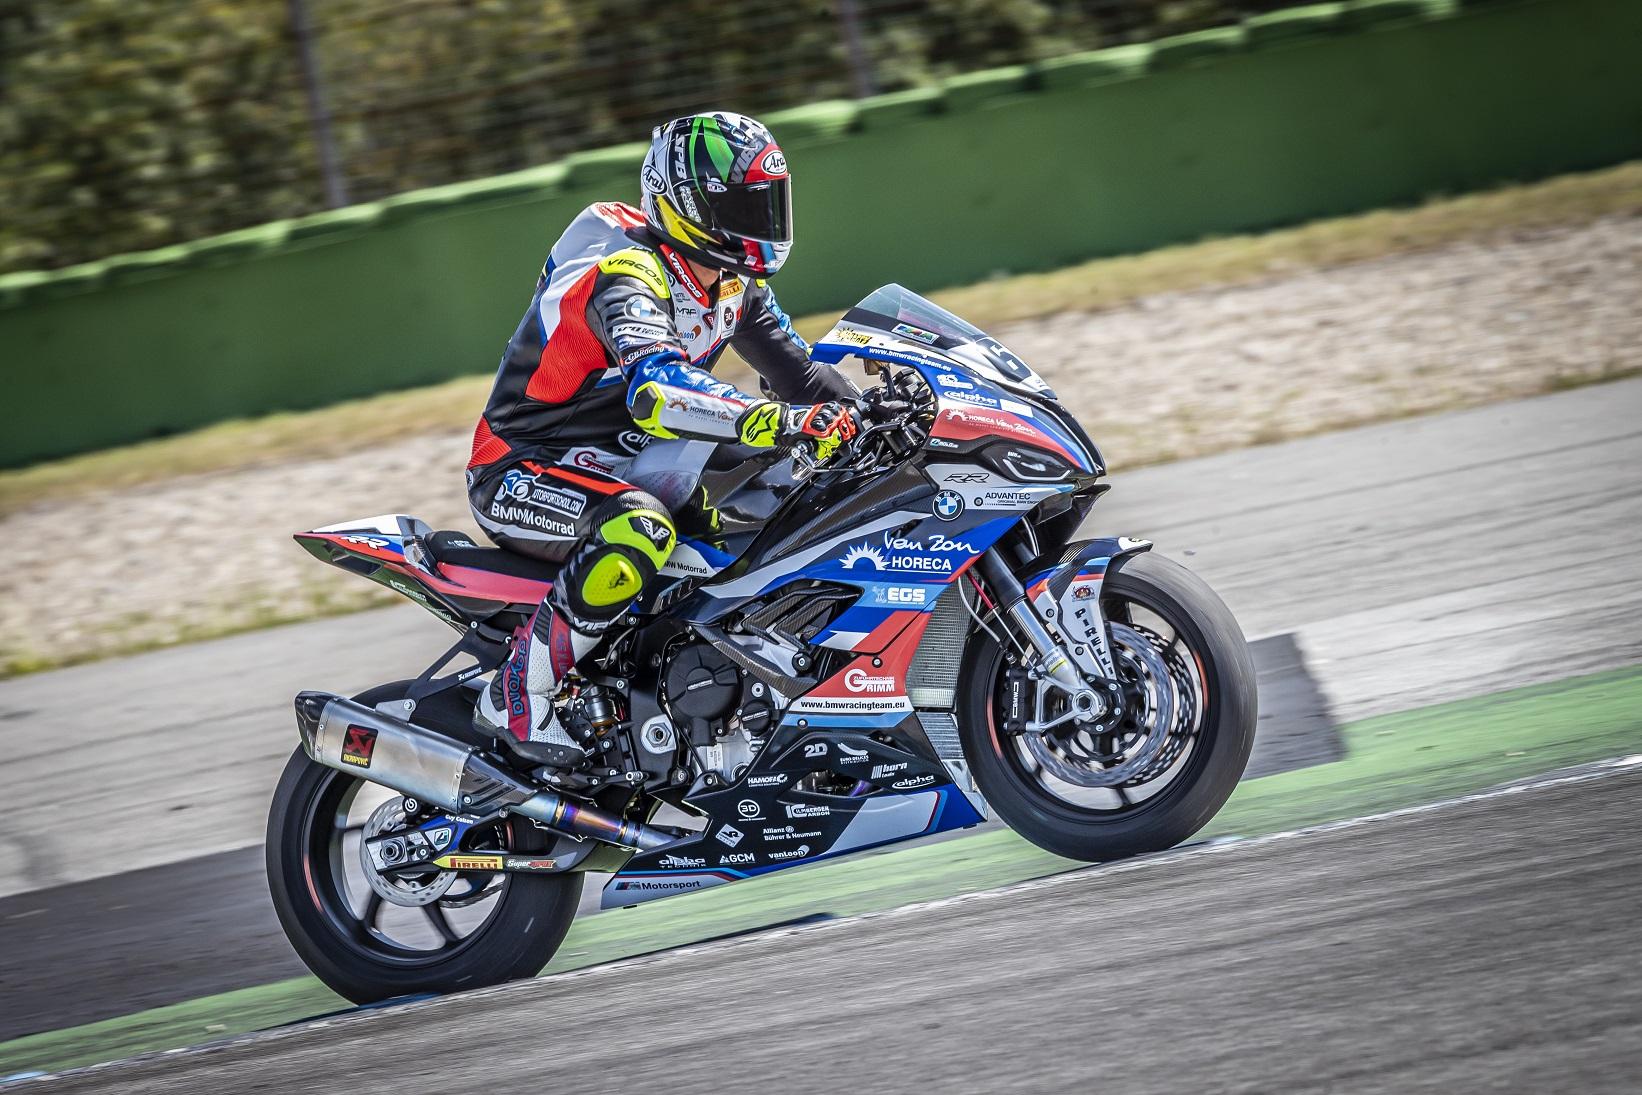 IDM Superbike 1000: Meister Mikhalchik sieht sich wieder auf dem Podium